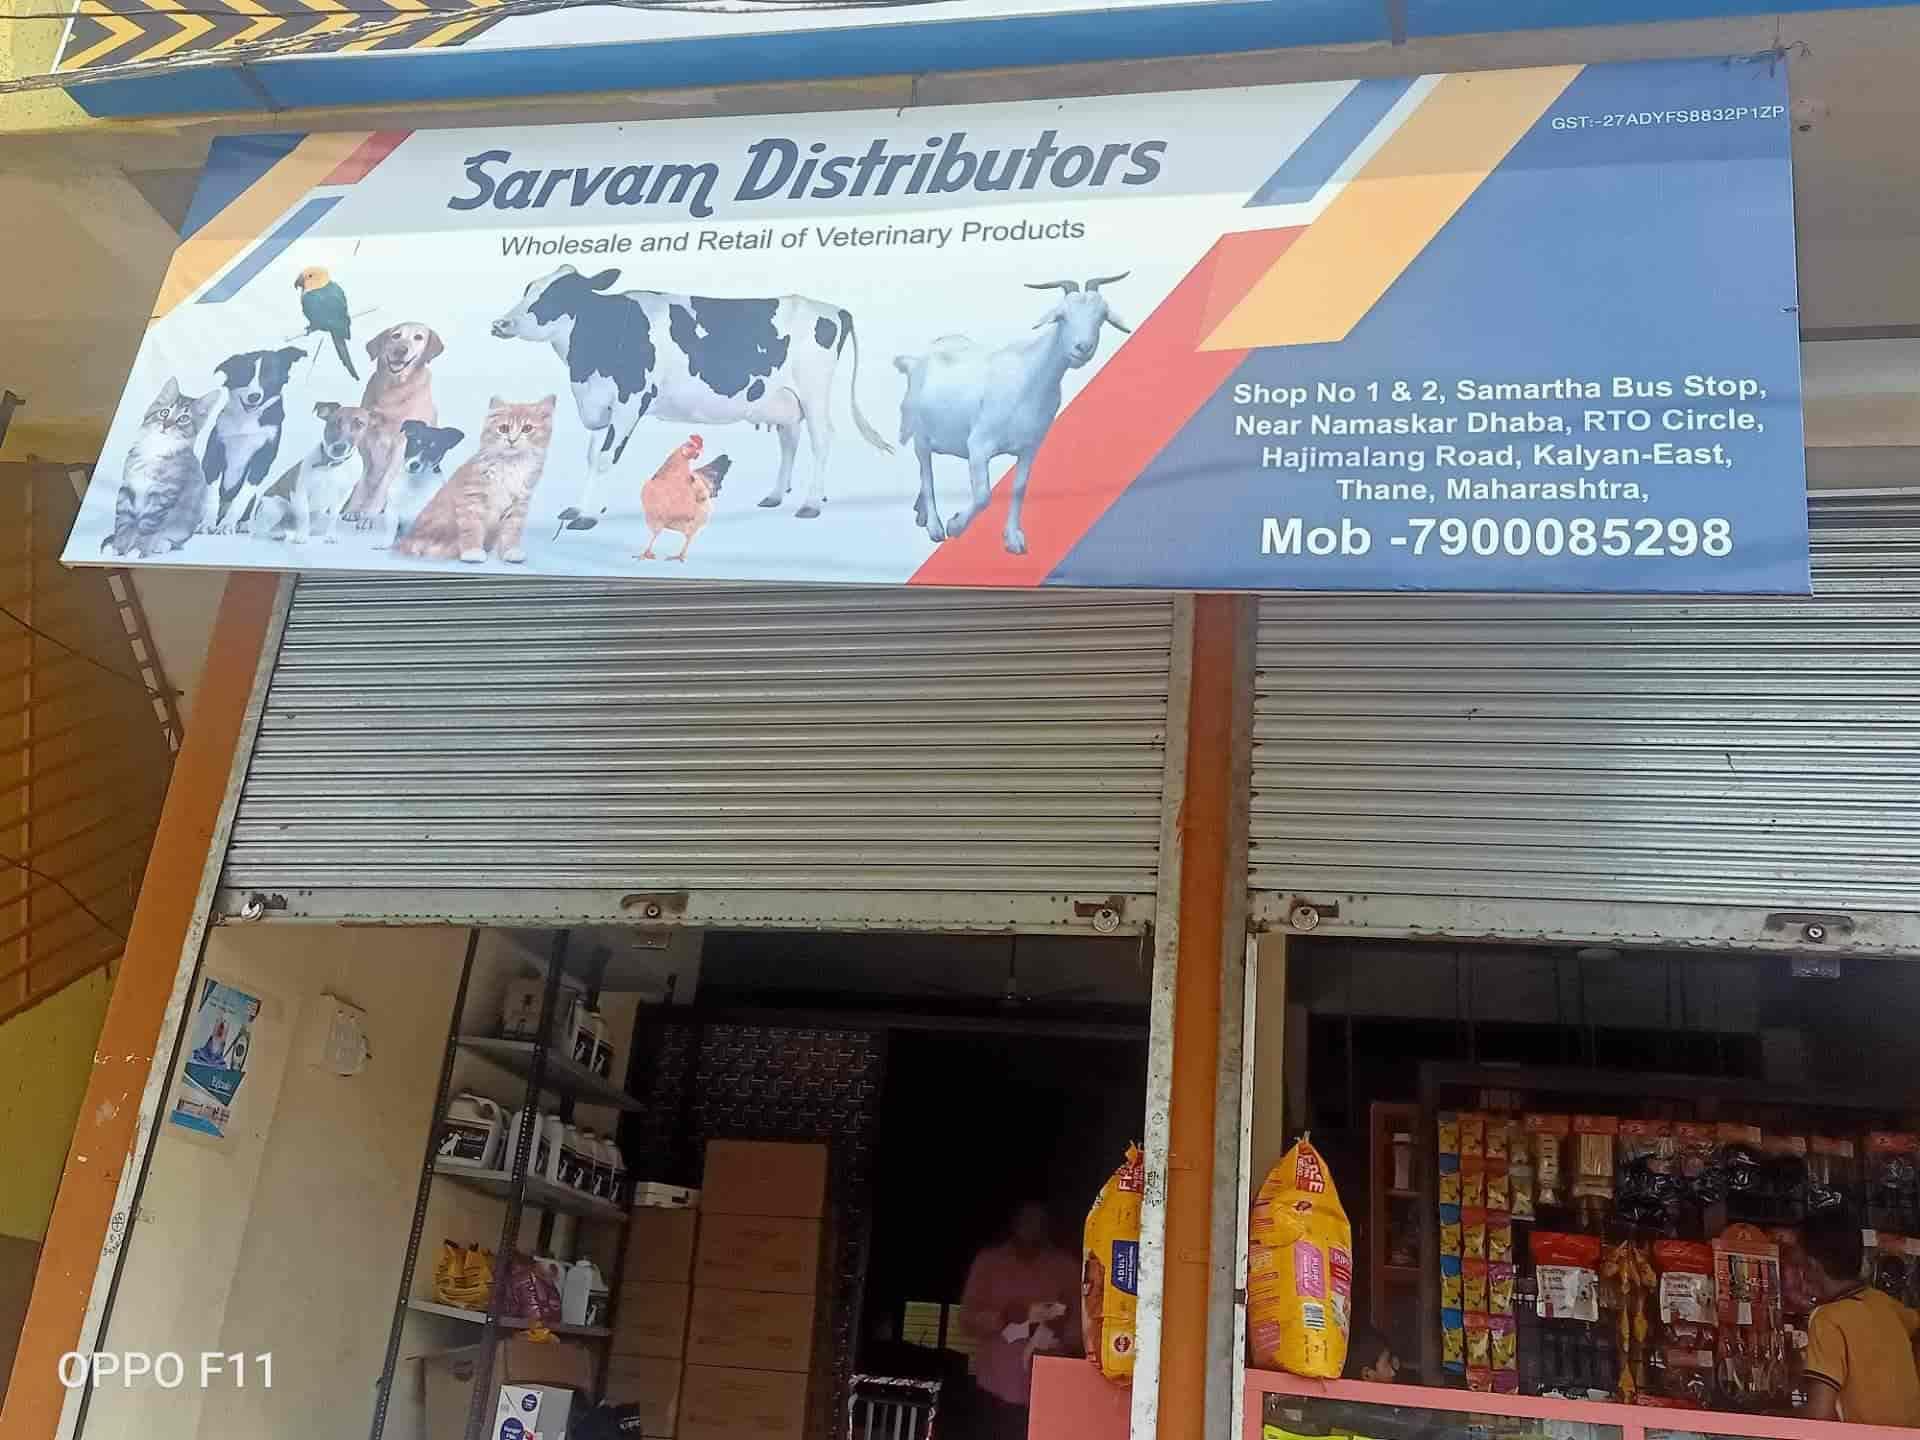 Sarvam Distributors Kalyan East Pet Clinics In Thane Mumbai Justdial